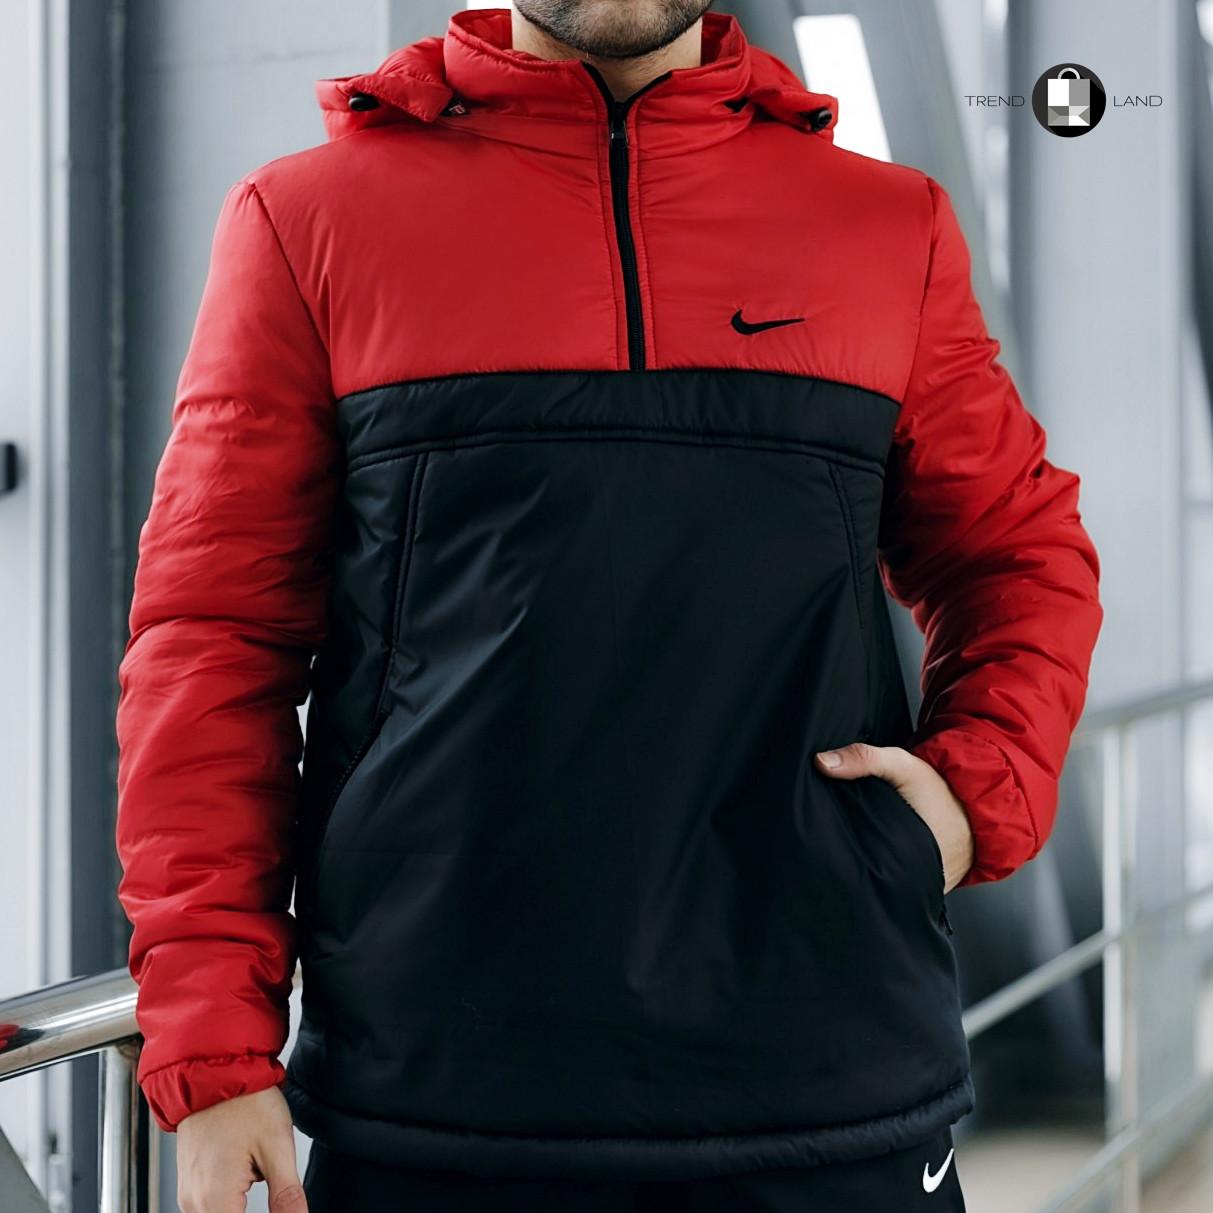 Размеры S-2XL   Мужская утепленная куртка анорак Nike Red\Black